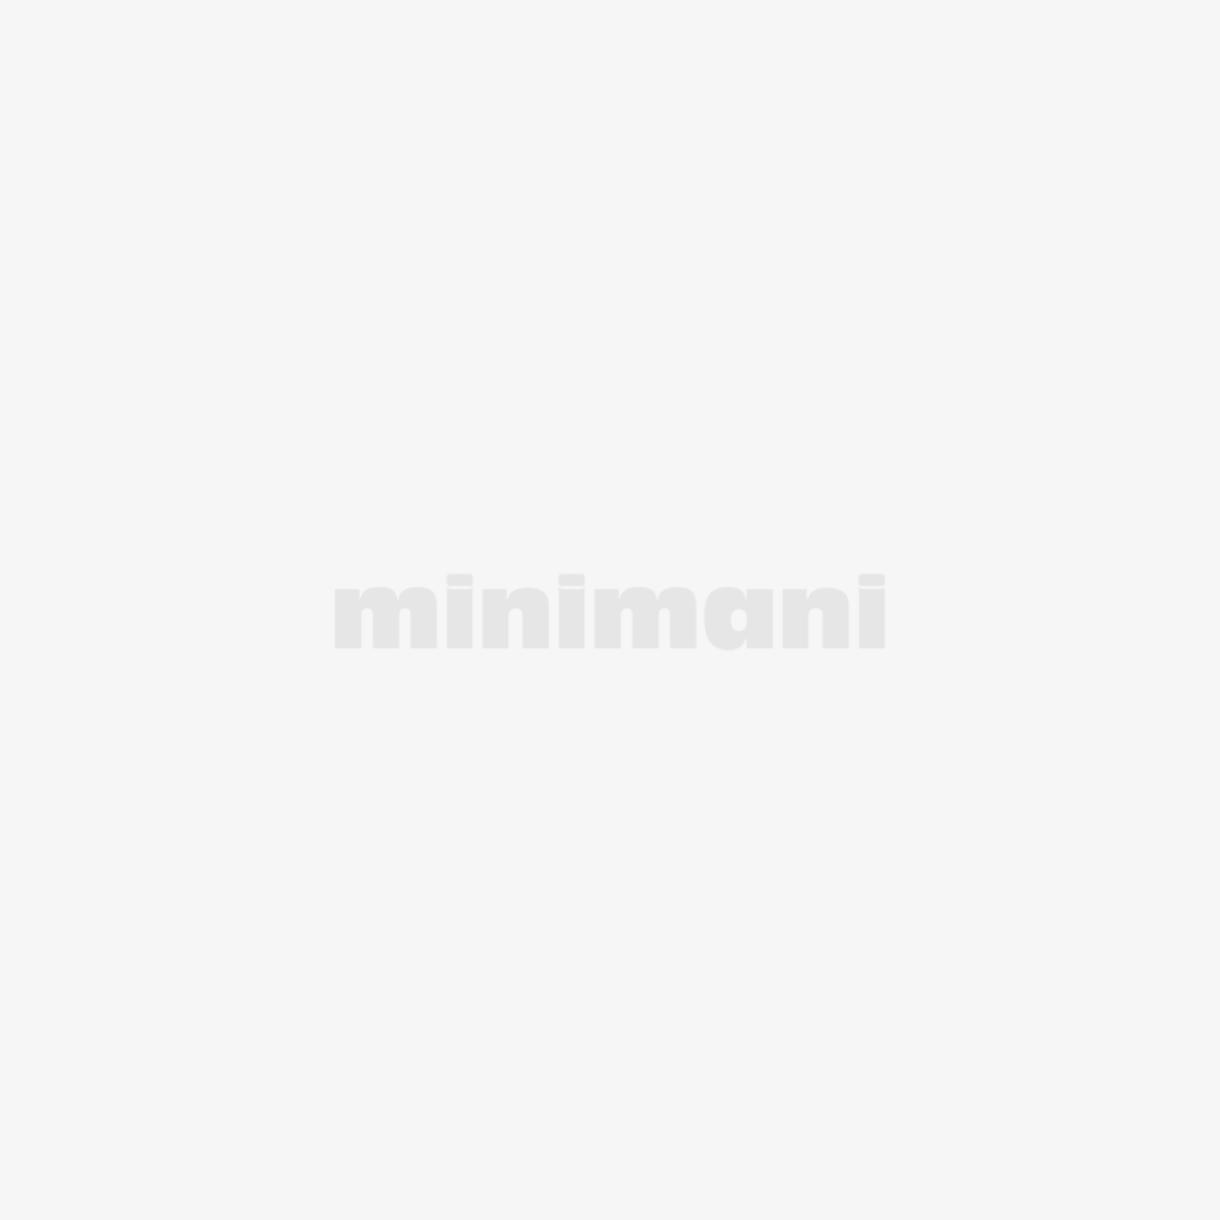 Vallila matto 80x200cm, Elma Flat musta-harmaa